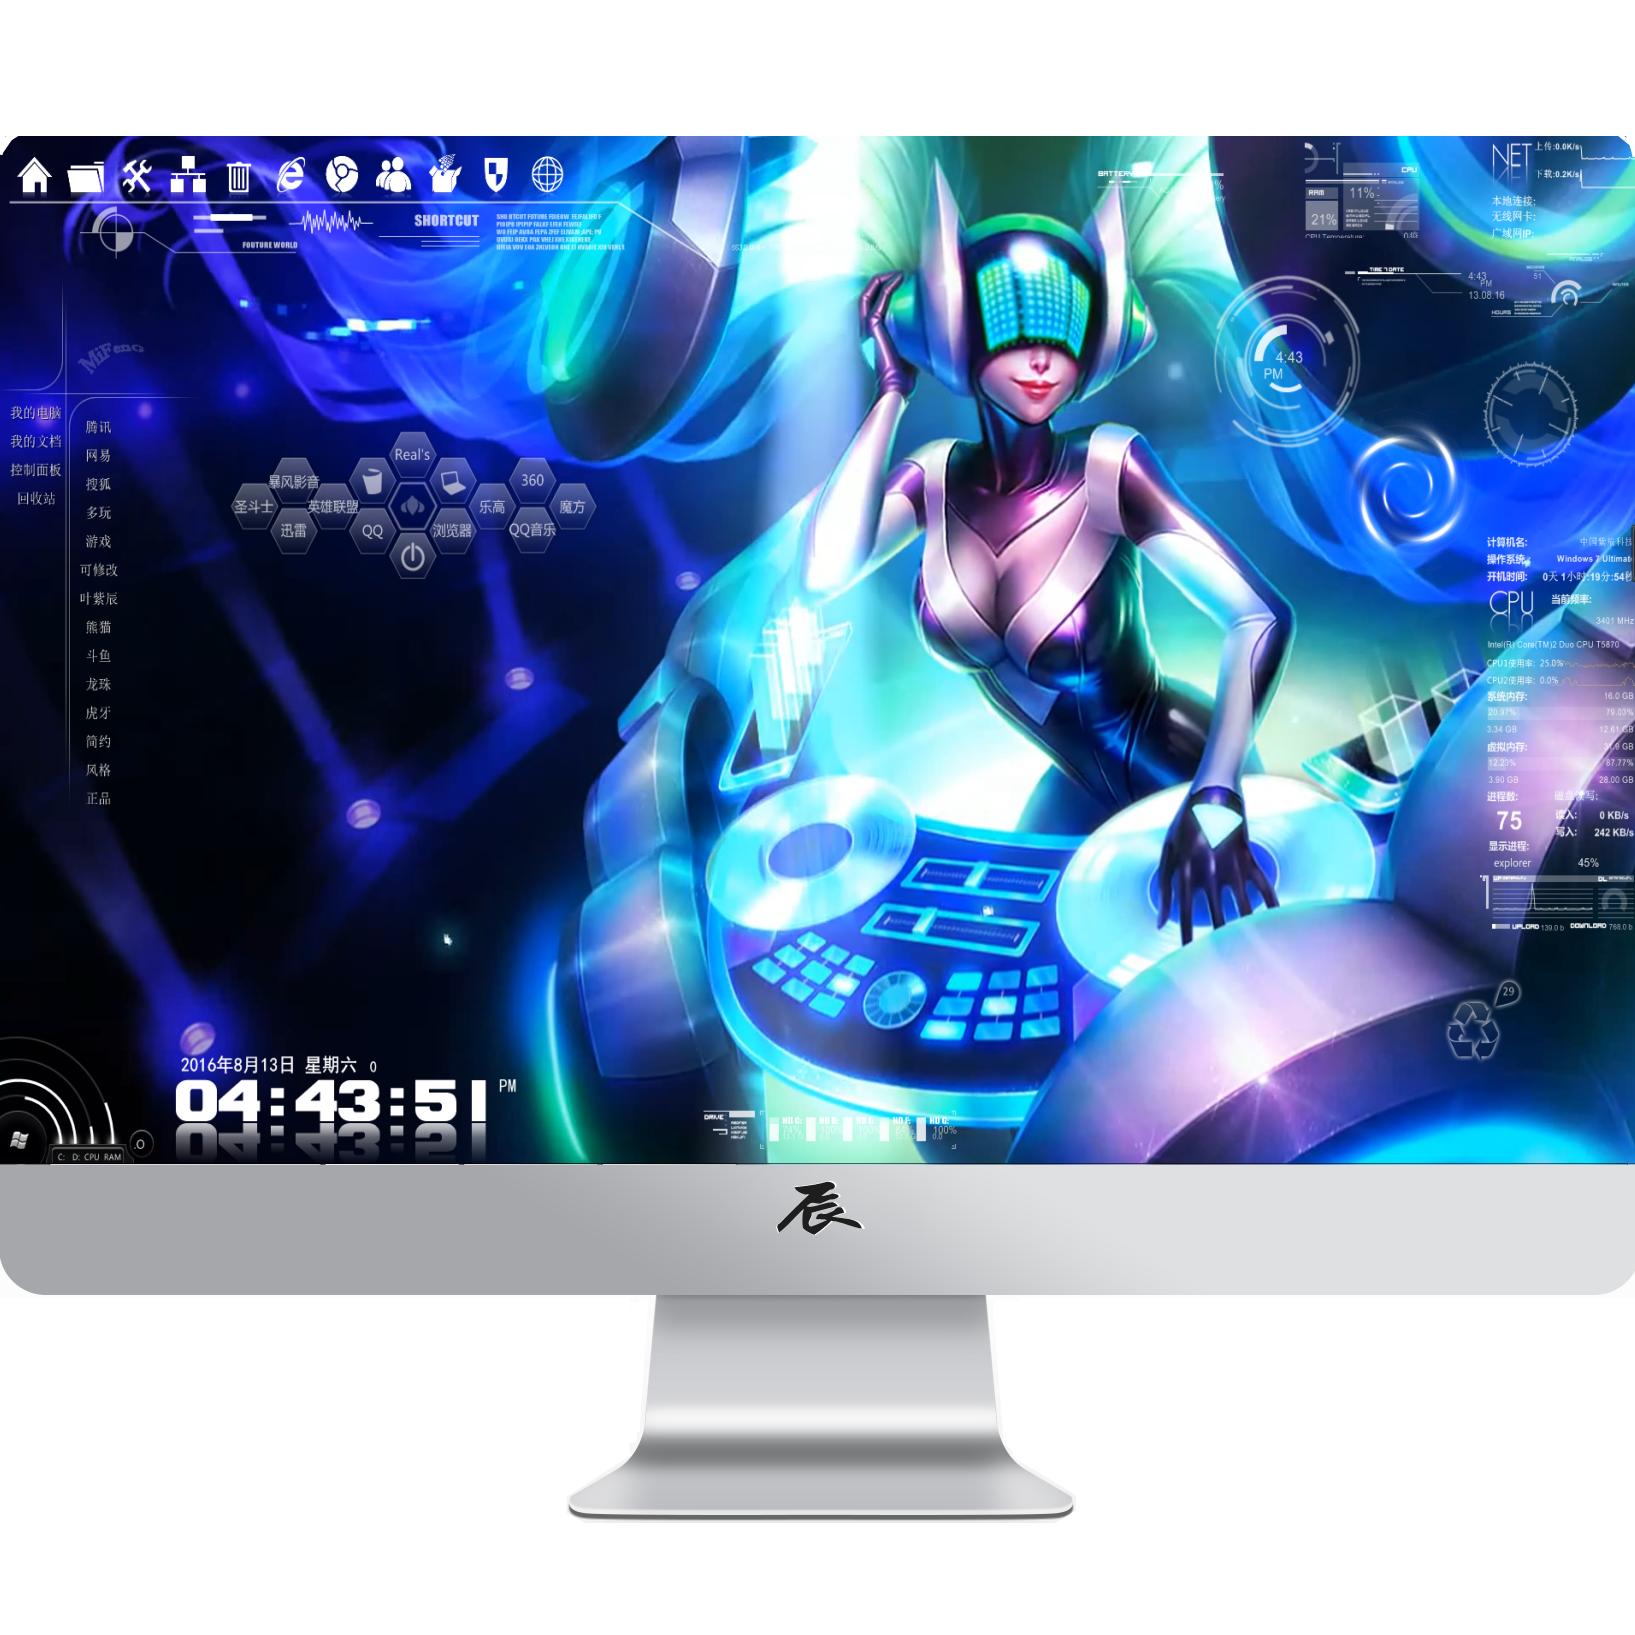 [动态桌面] 雨滴美化 win7 8 10 动态壁纸 电脑主题 lol 电玩琴女